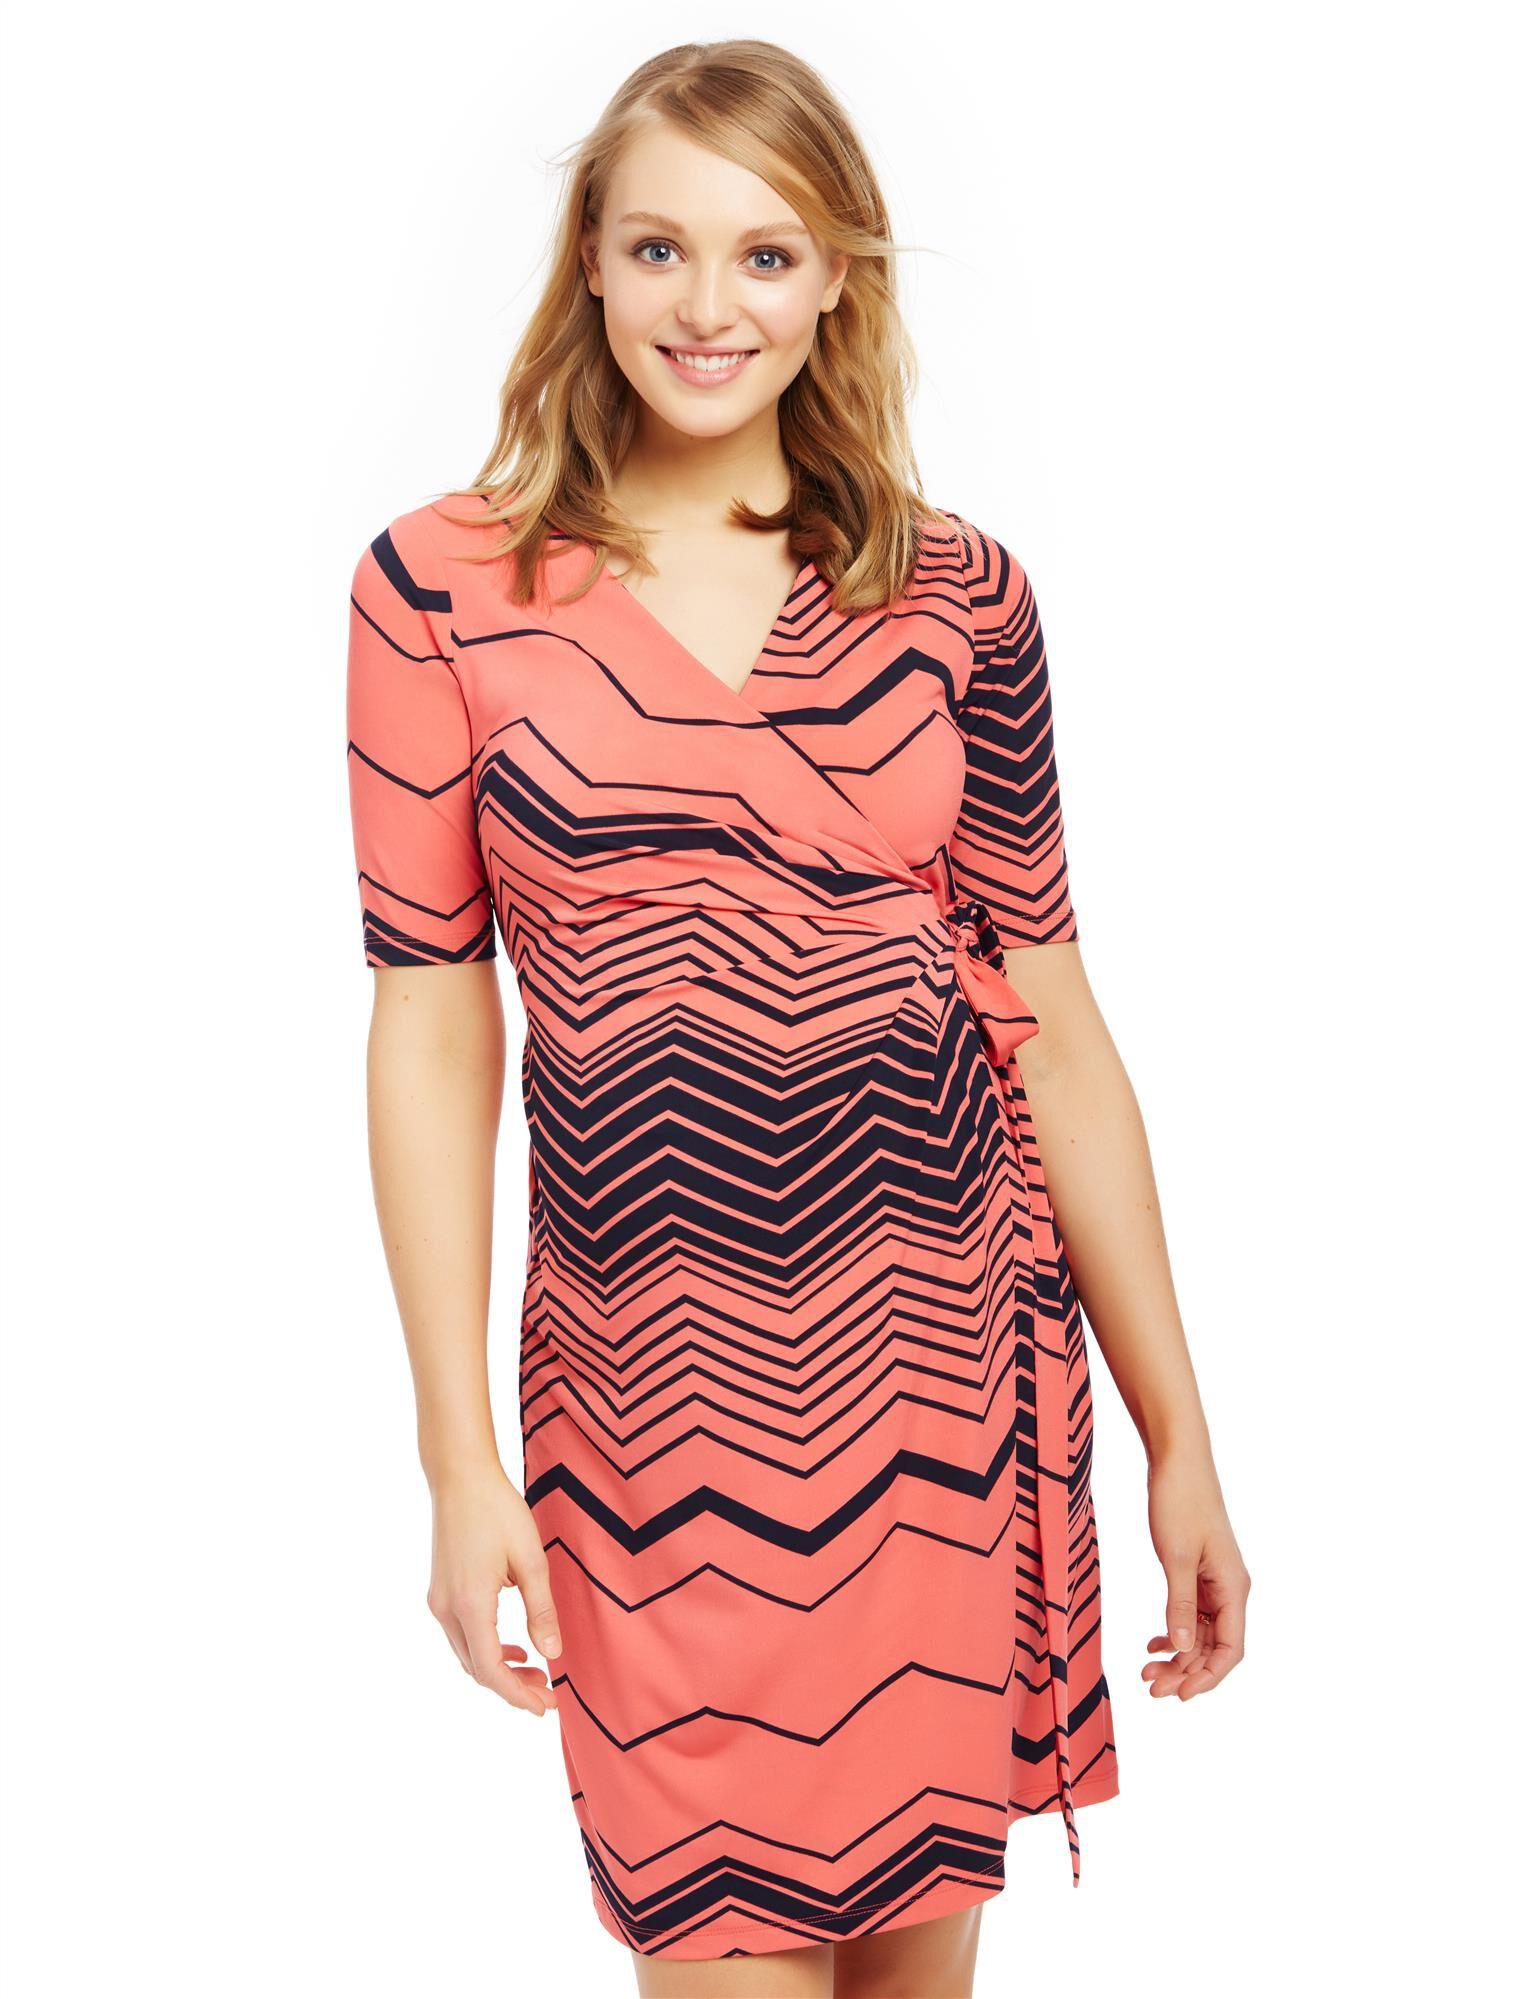 Waist Tie Surplice Maternity Dress- Zig Zag Print